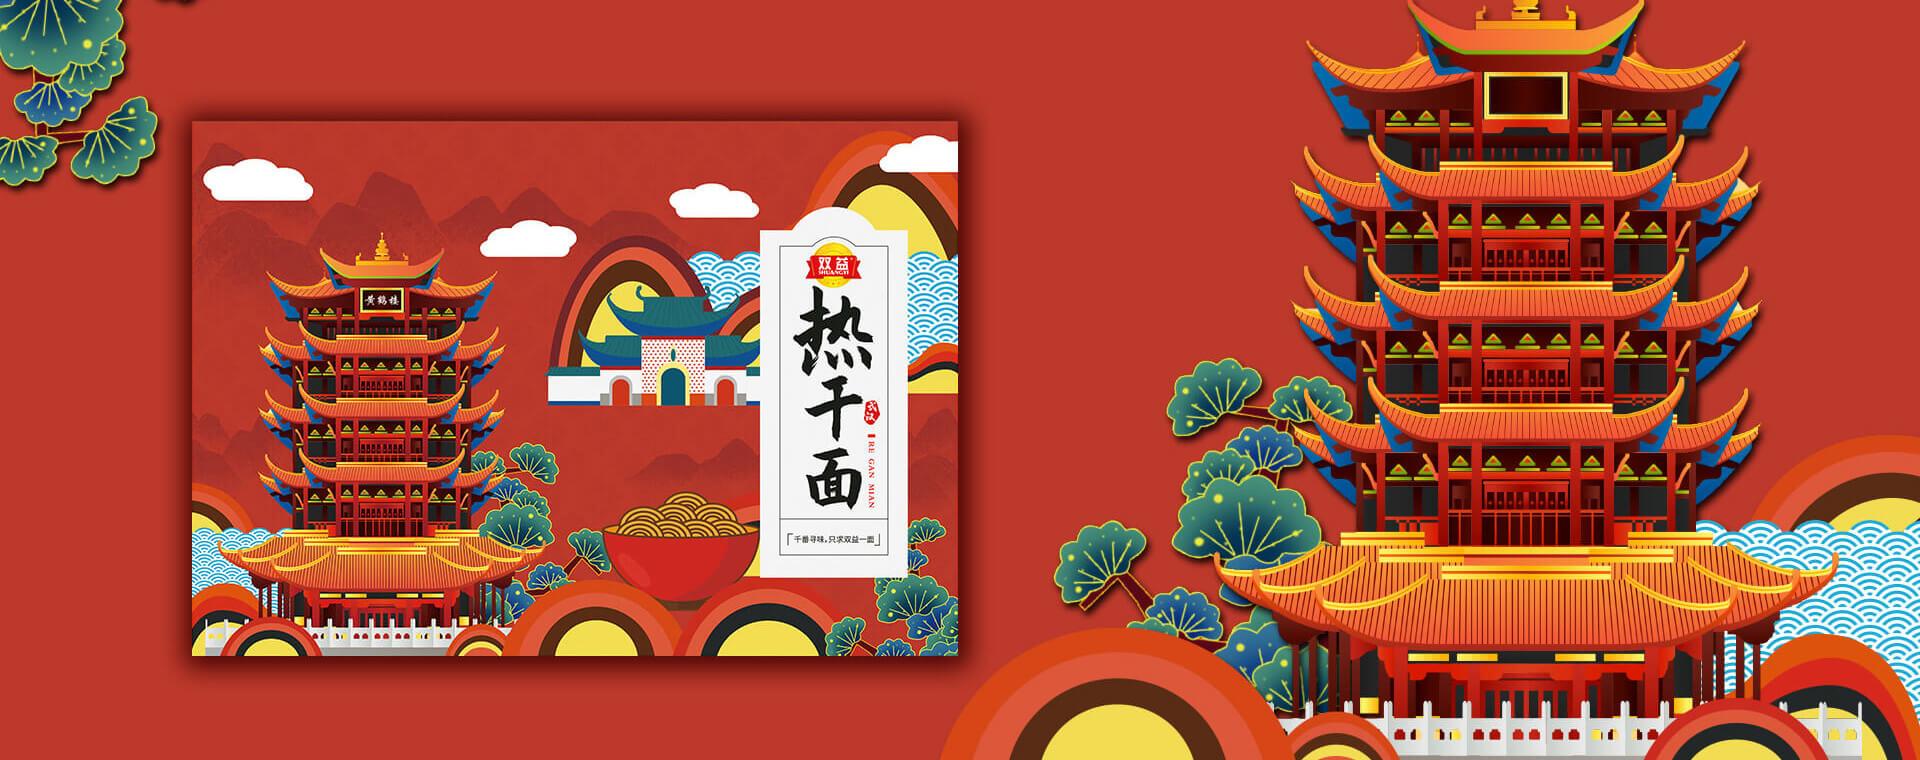 挂面包装设计 热干面产品礼盒包装设计案例体现地域文化